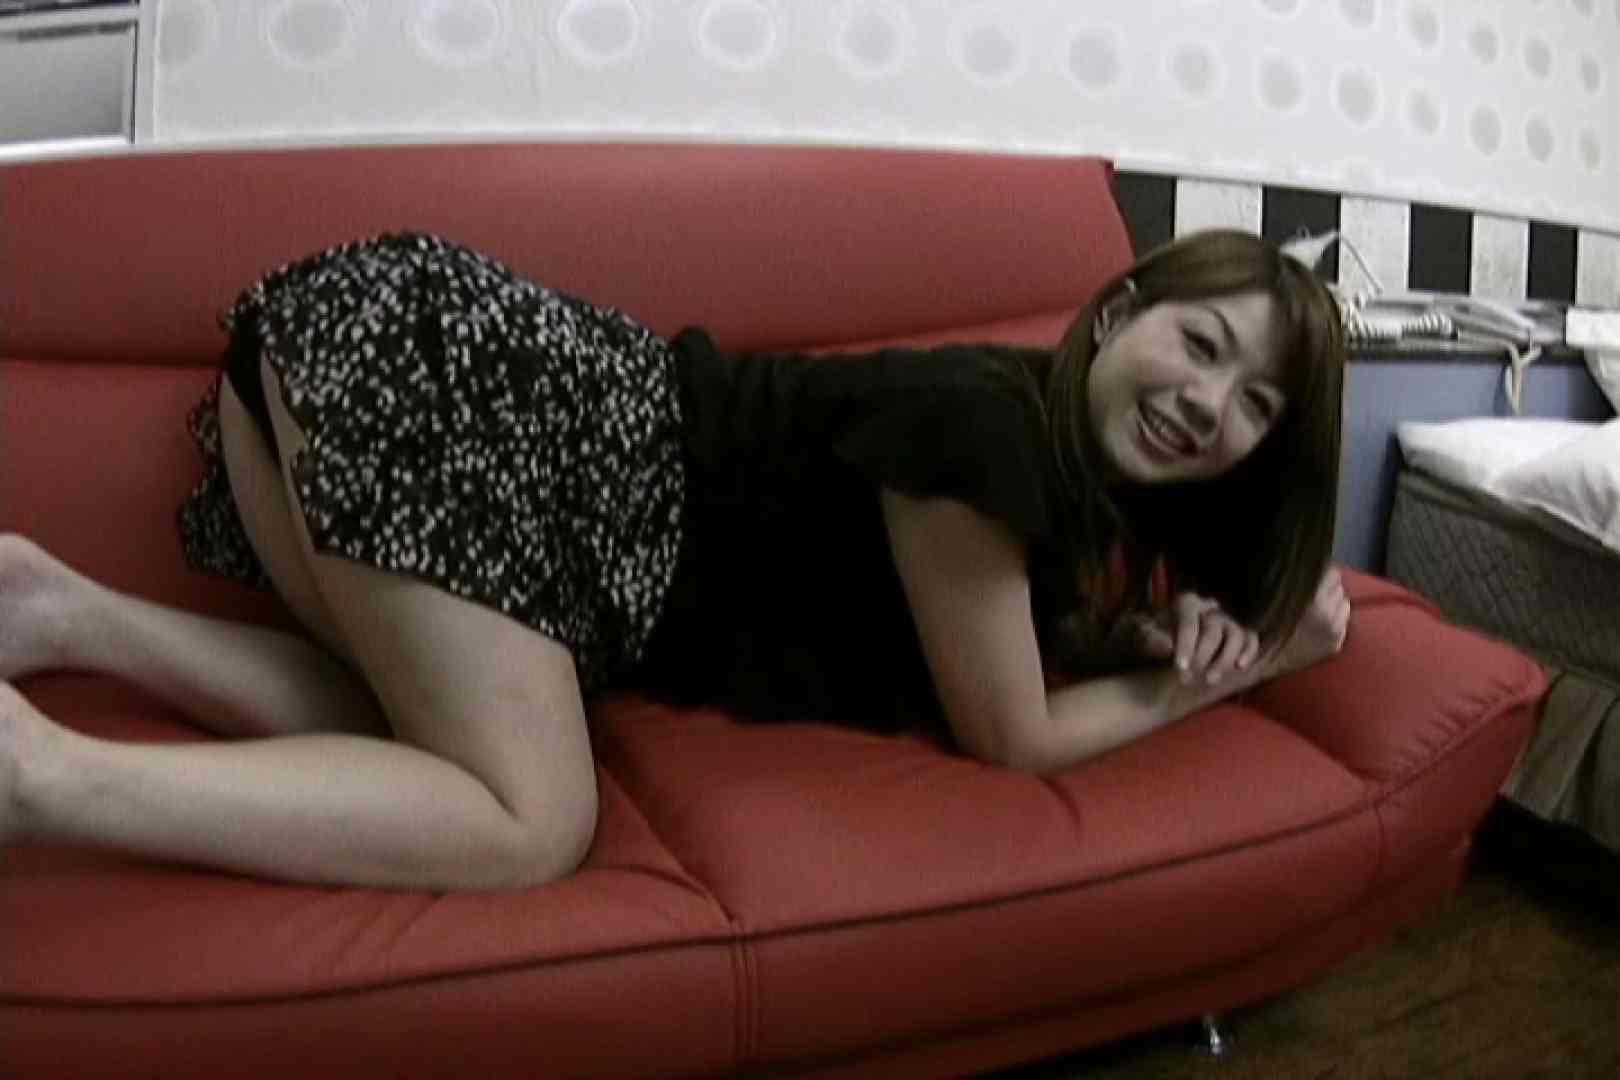 素人モデル撮っちゃいました kana02 女子大生のエッチ アダルト動画キャプチャ 94pic 83